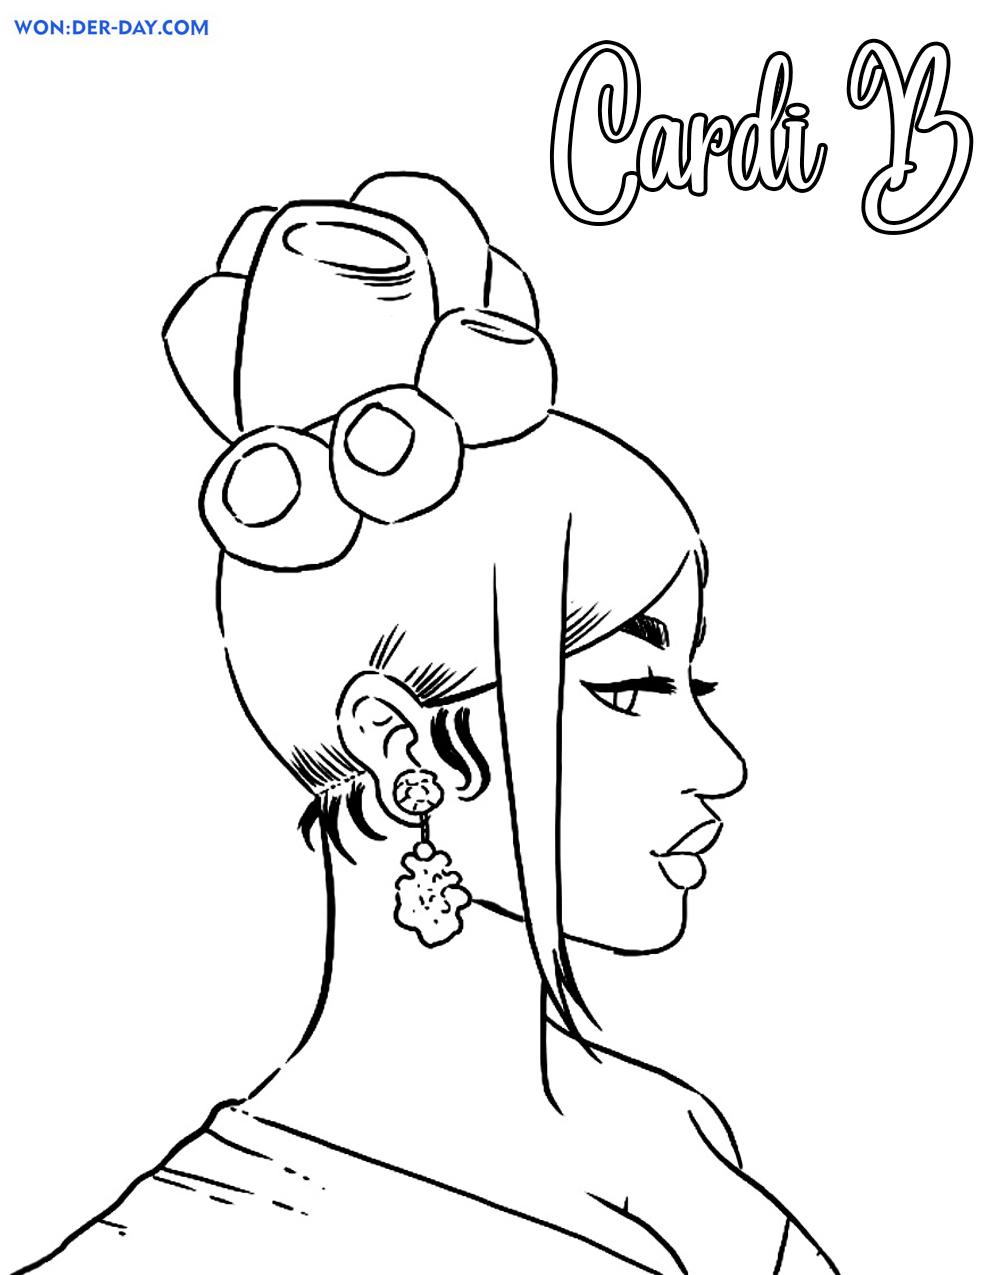 Dibujos de Cardi B para colorear - Wonder-day.com